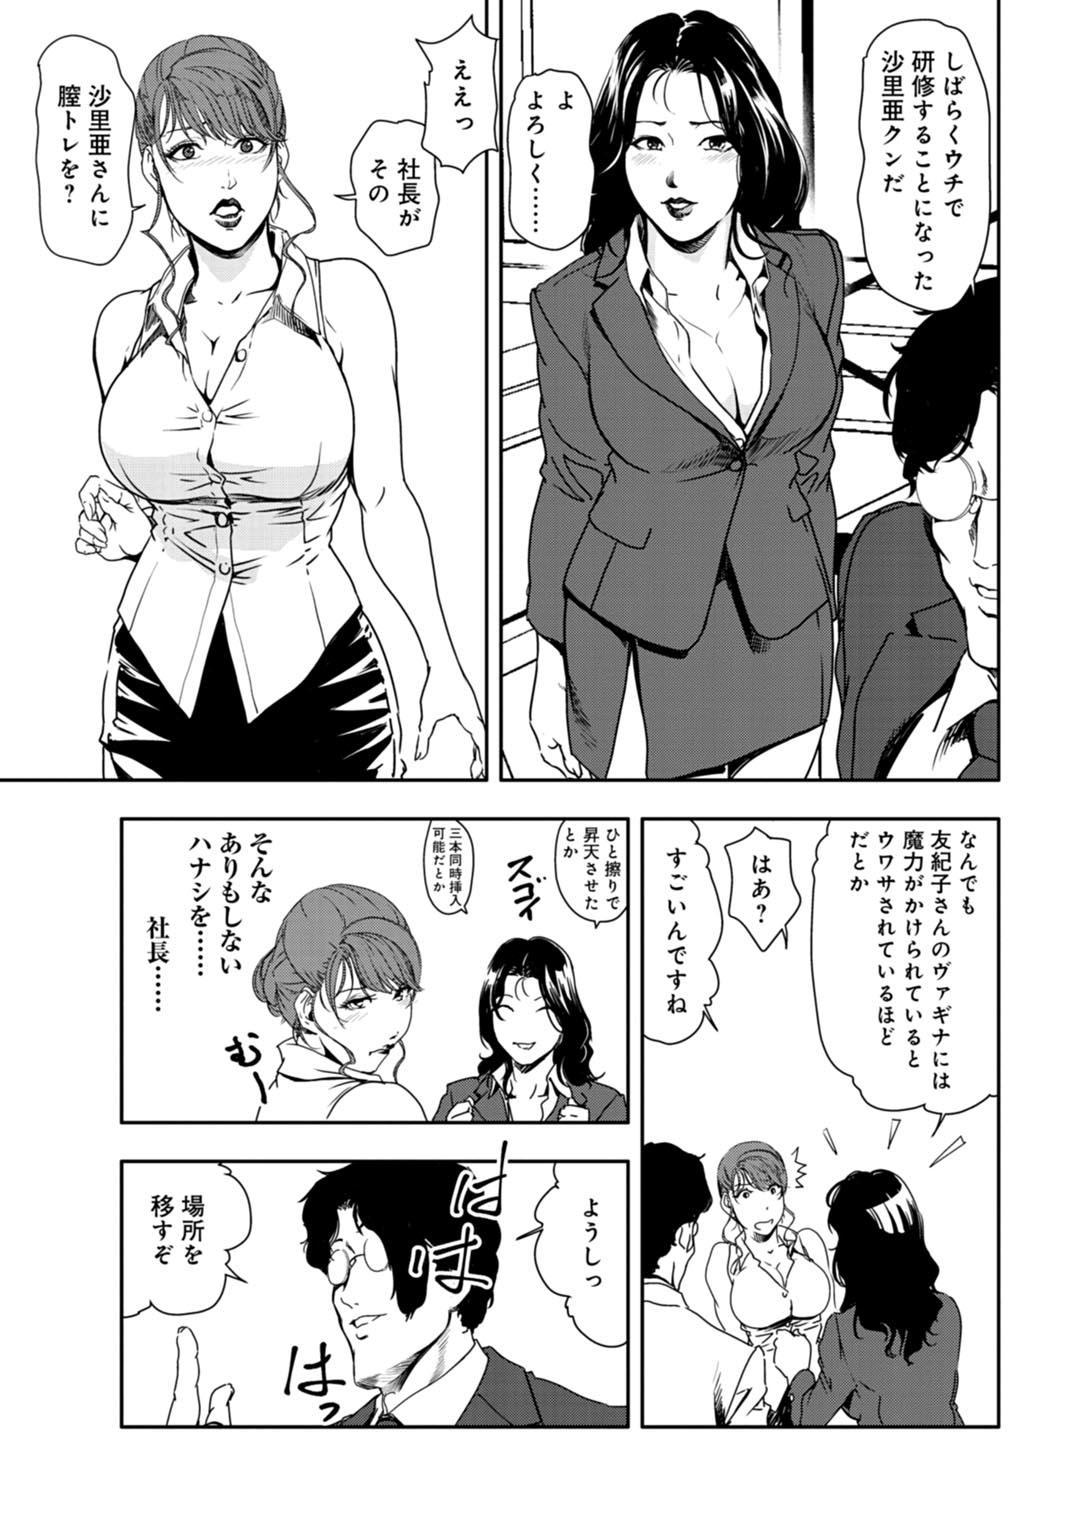 Nikuhisyo Yukiko 26 9